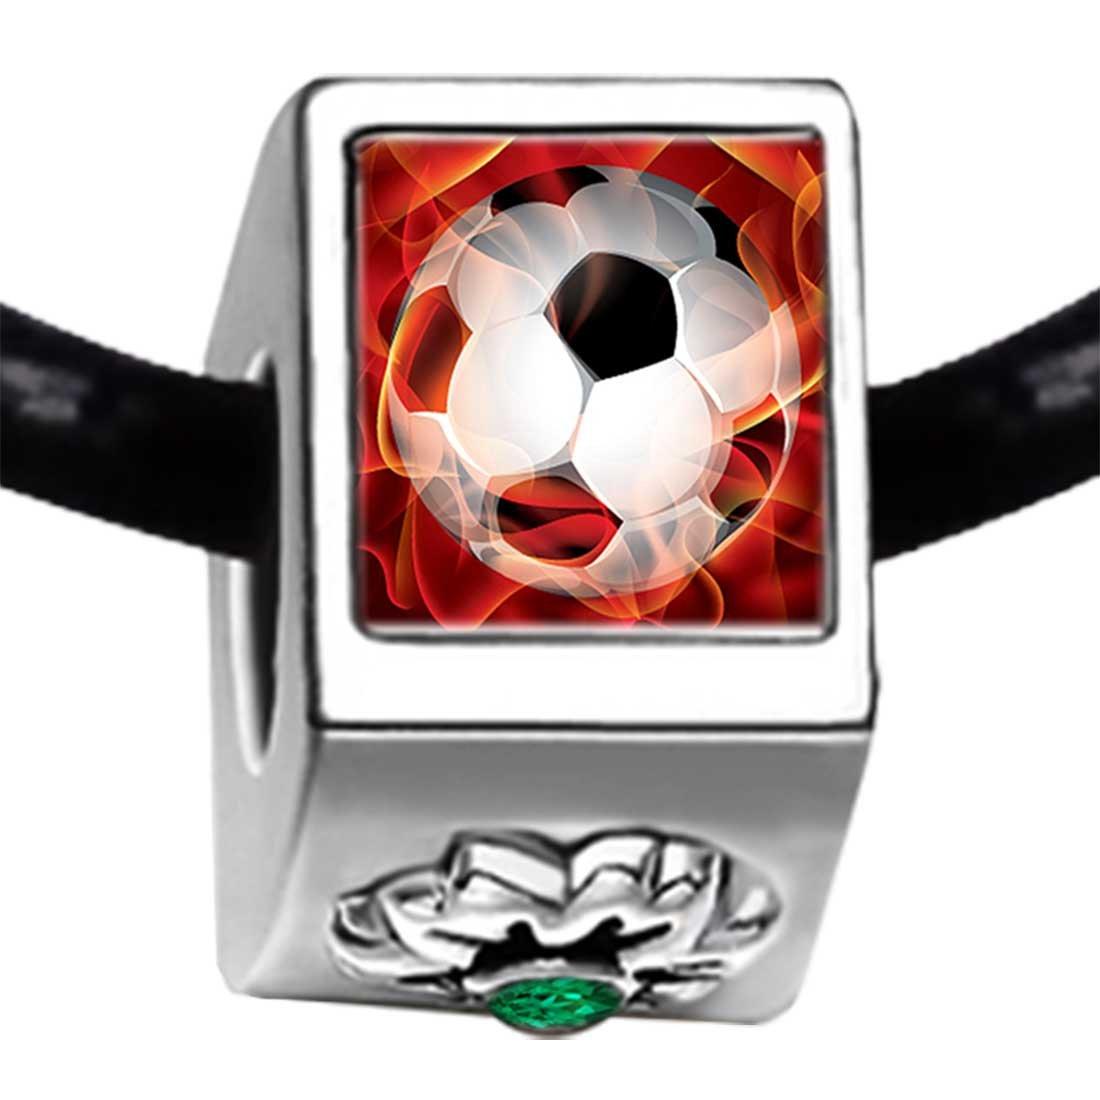 UEFA Euro 2012 balón de fútbol energía Esmeralda Verde de cristal ...